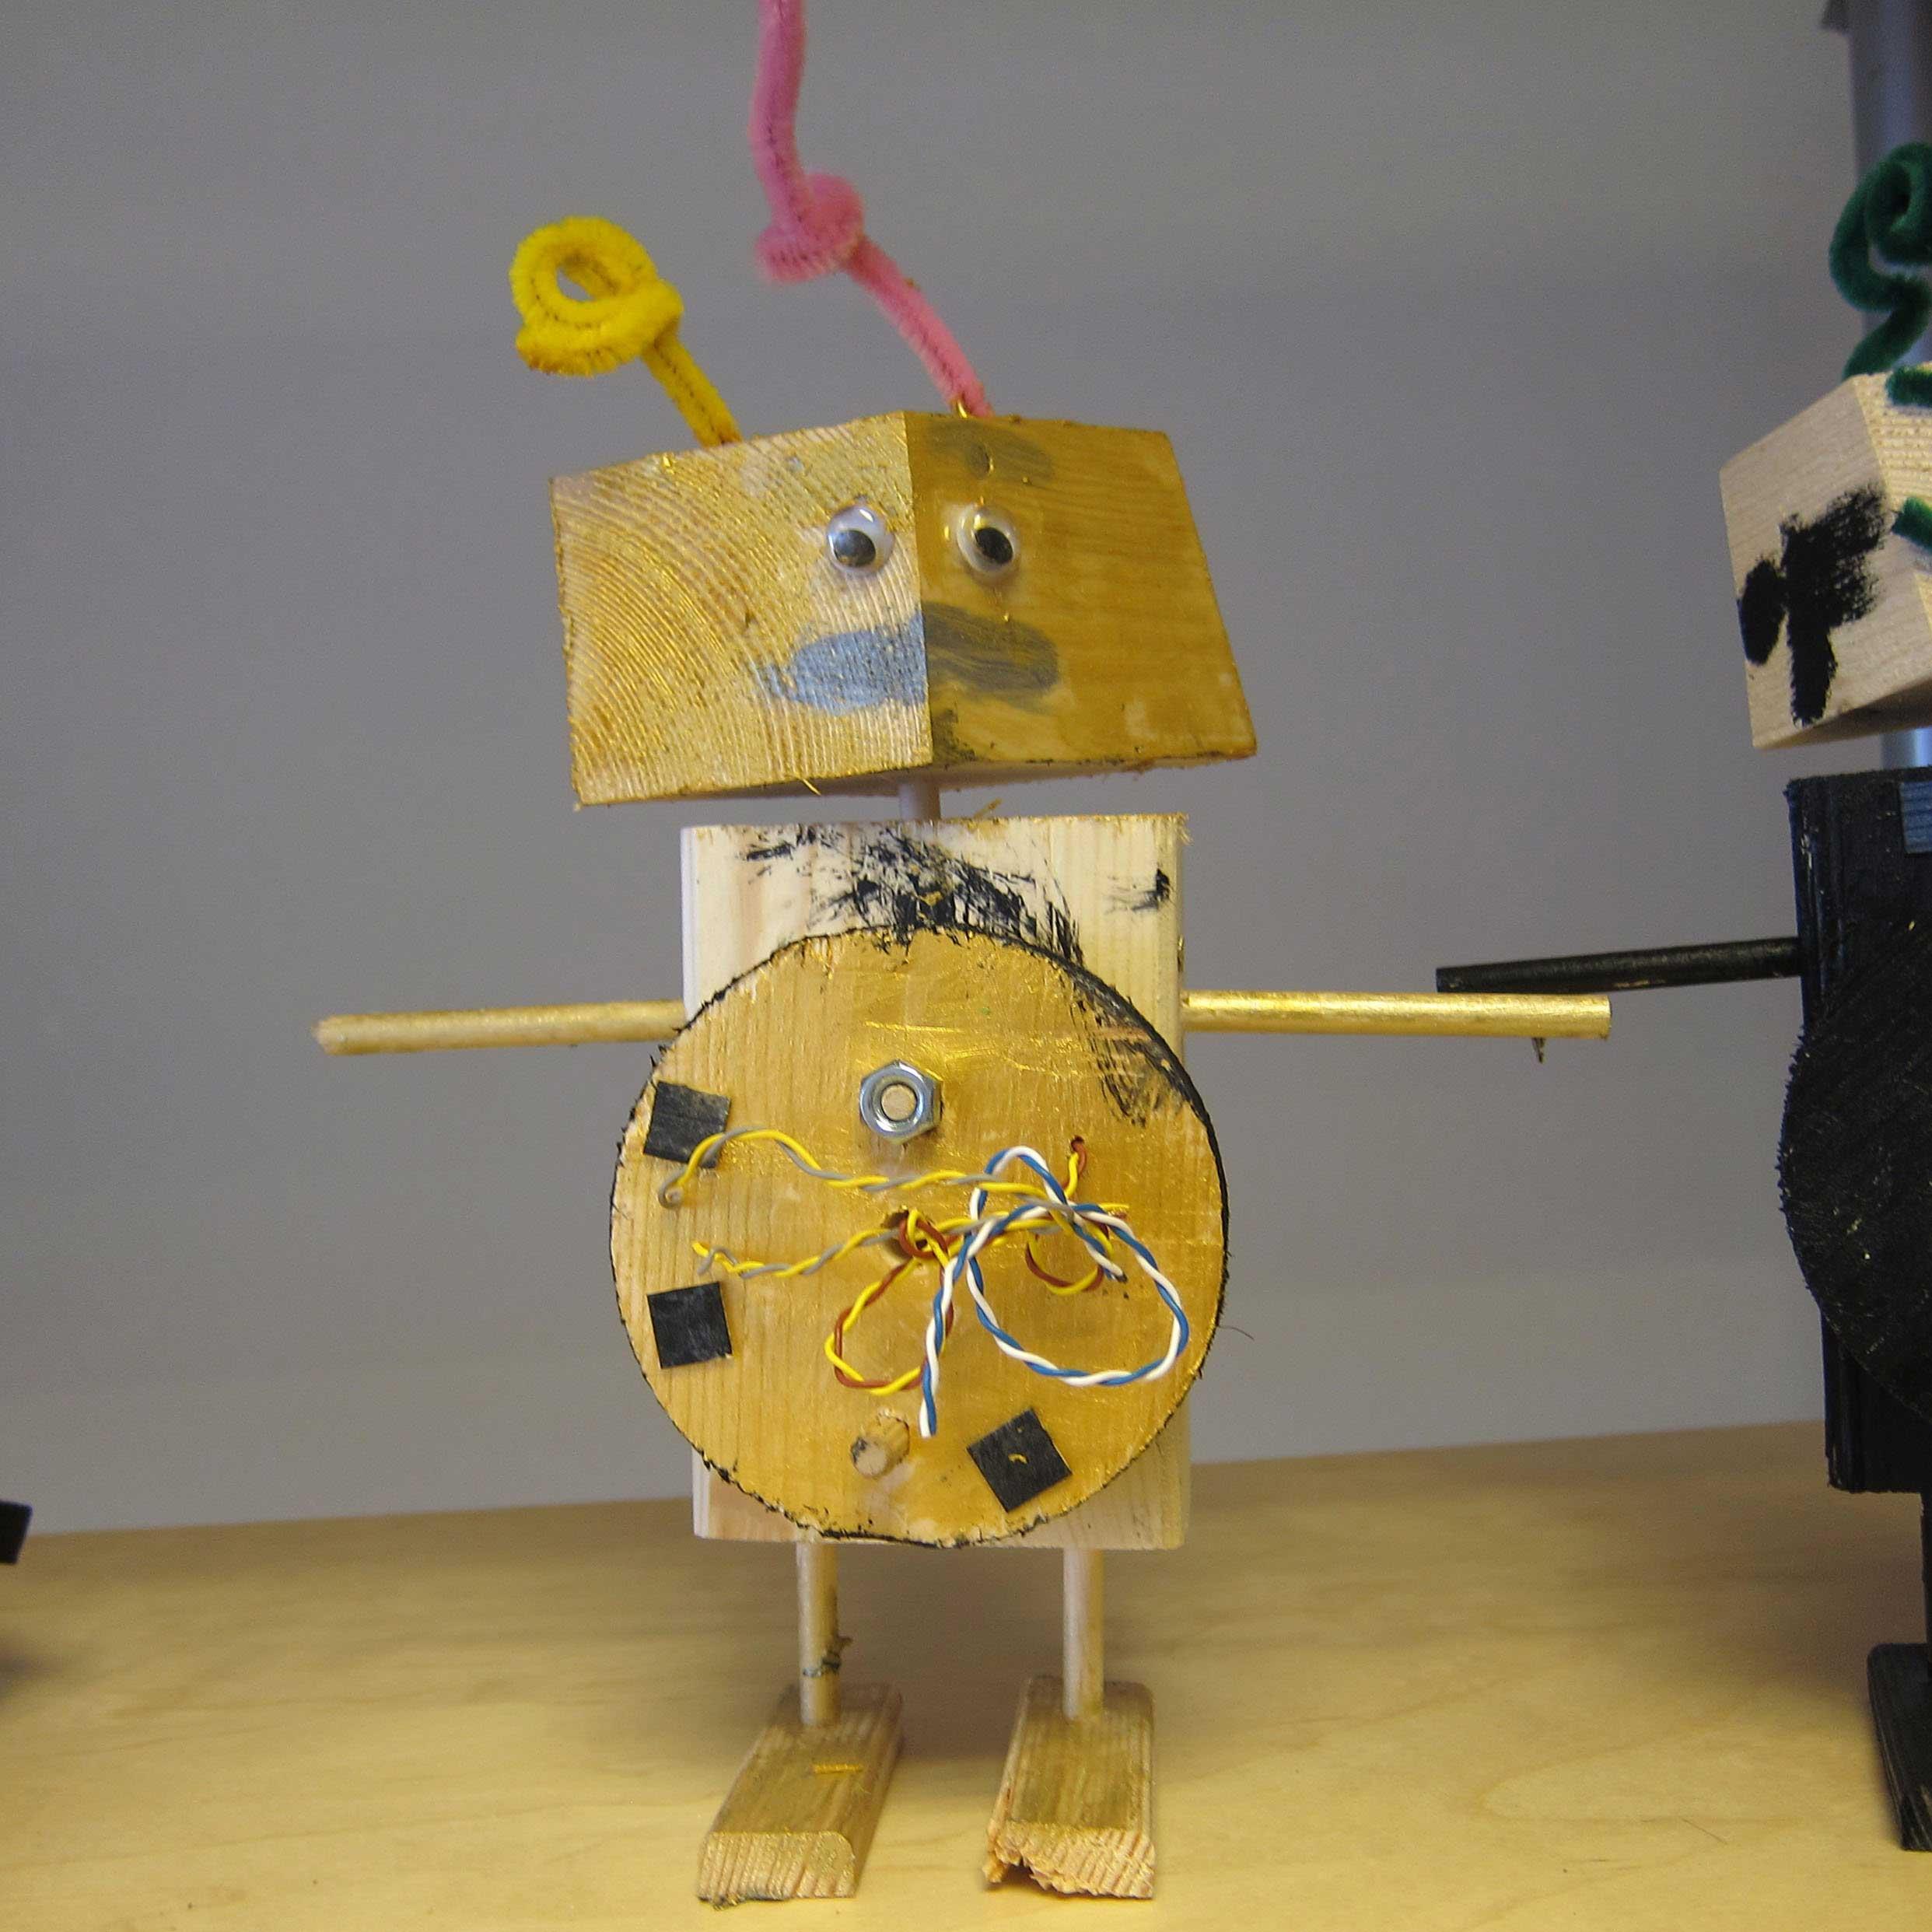 kurs_robot-(21).jpg